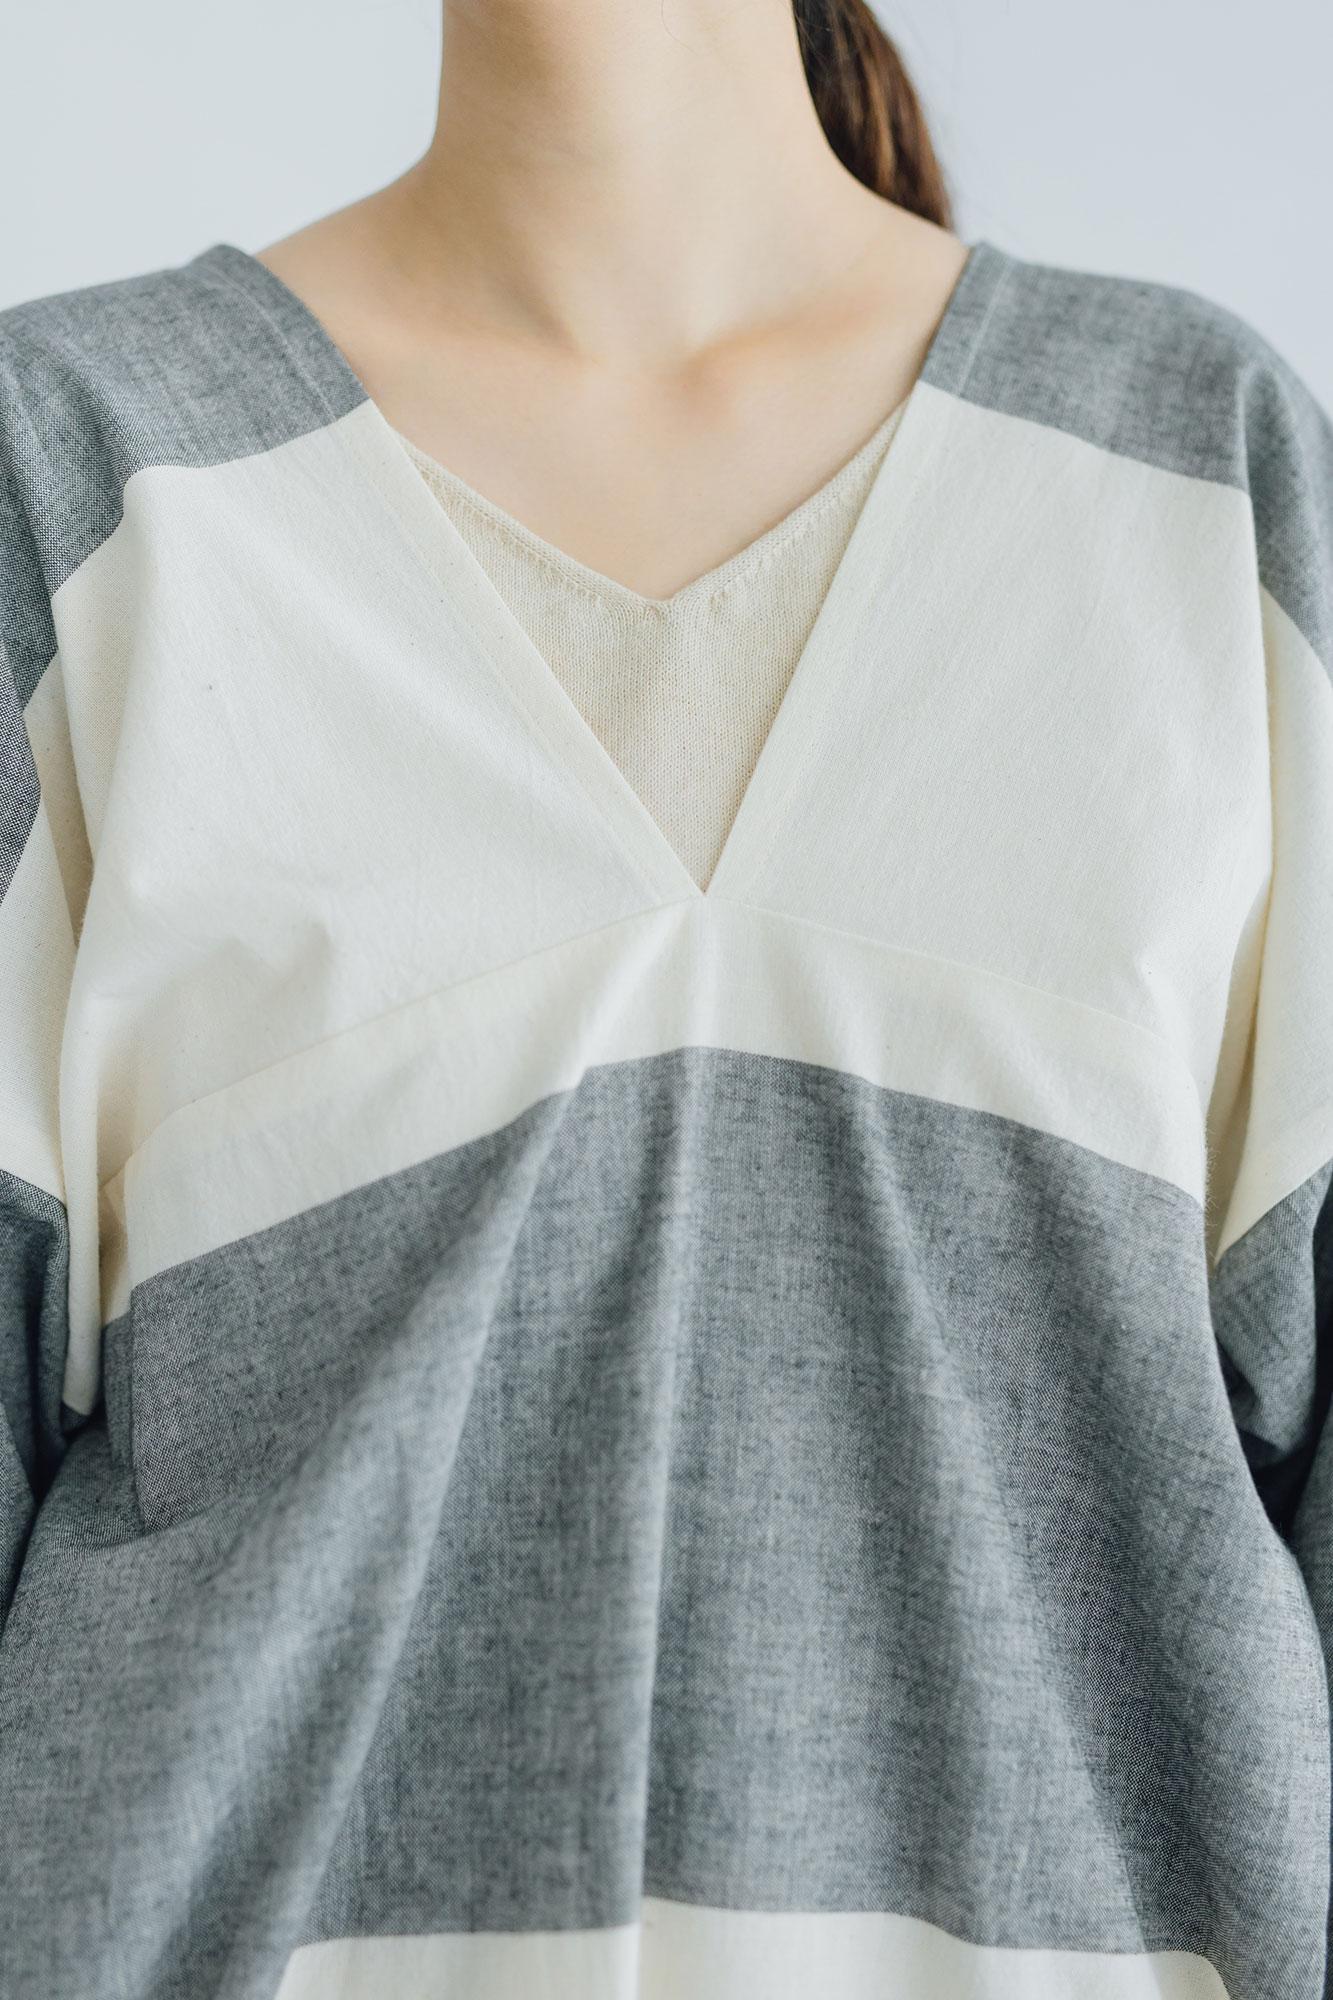 F/style 亀田縞のかっぽう着 (丈長め)